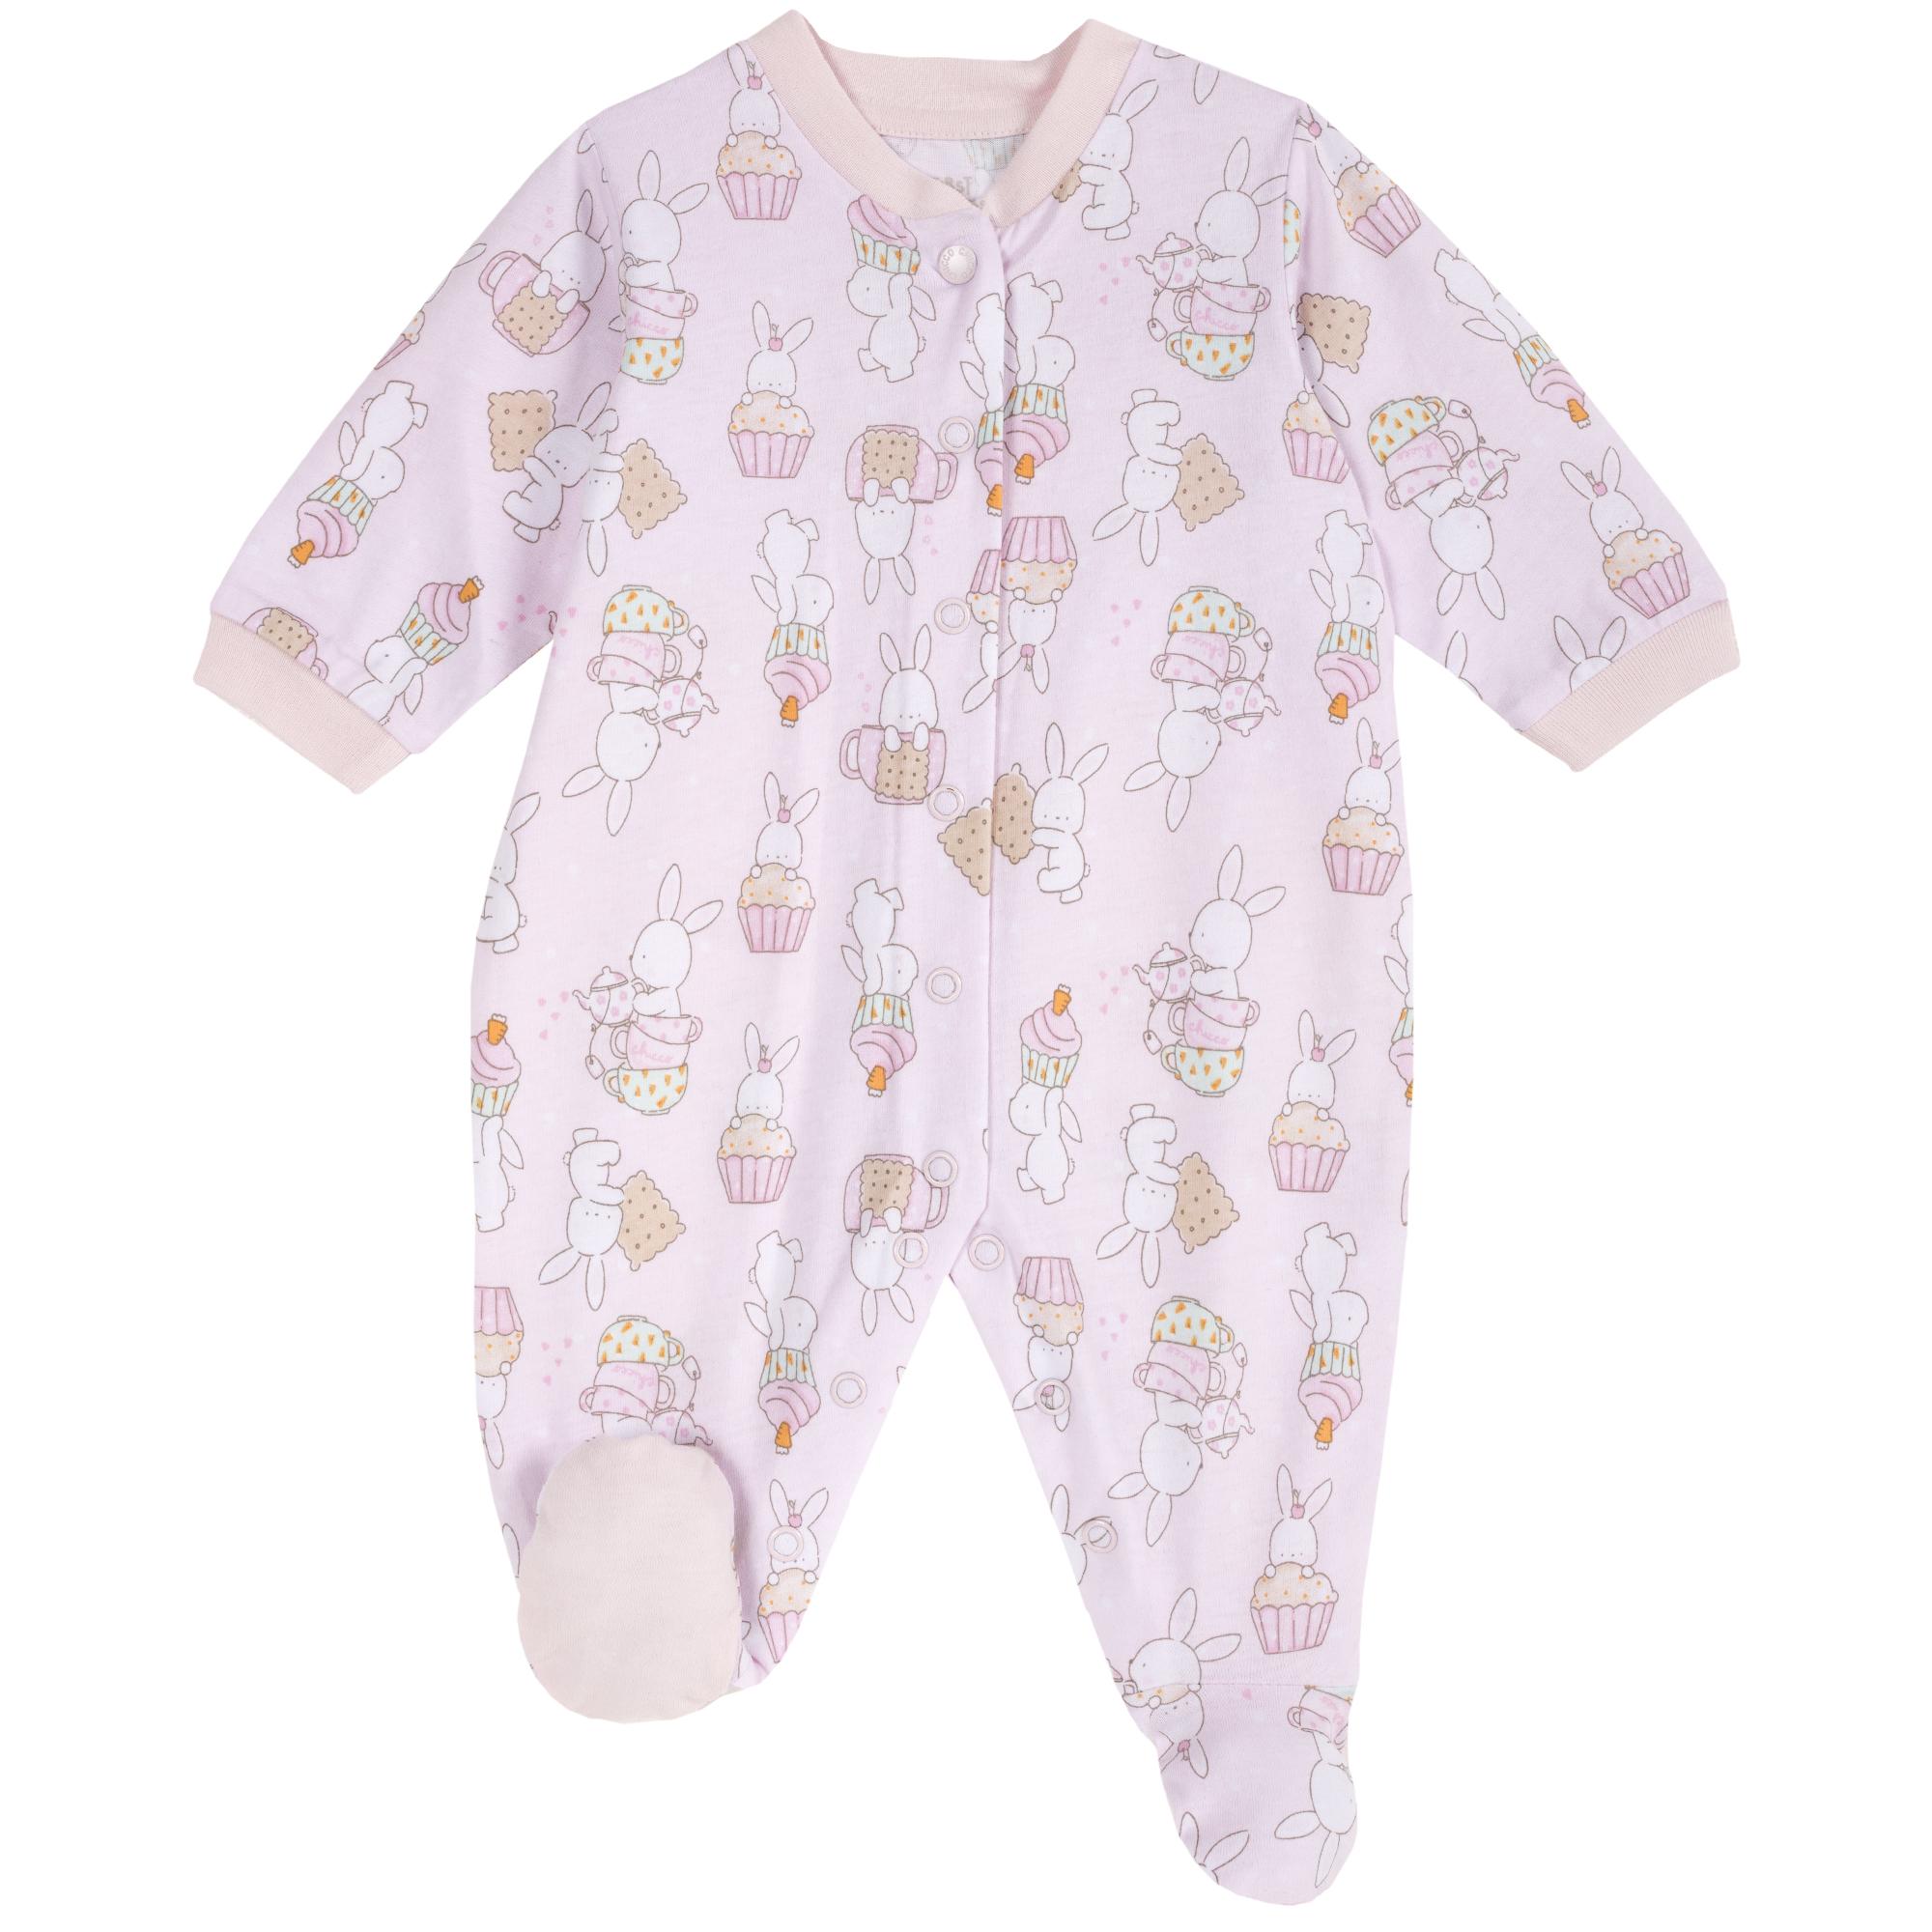 Salopeta bebe Chicco, inchidere intre picioare, roz, 21804 din categoria Salopete/Body